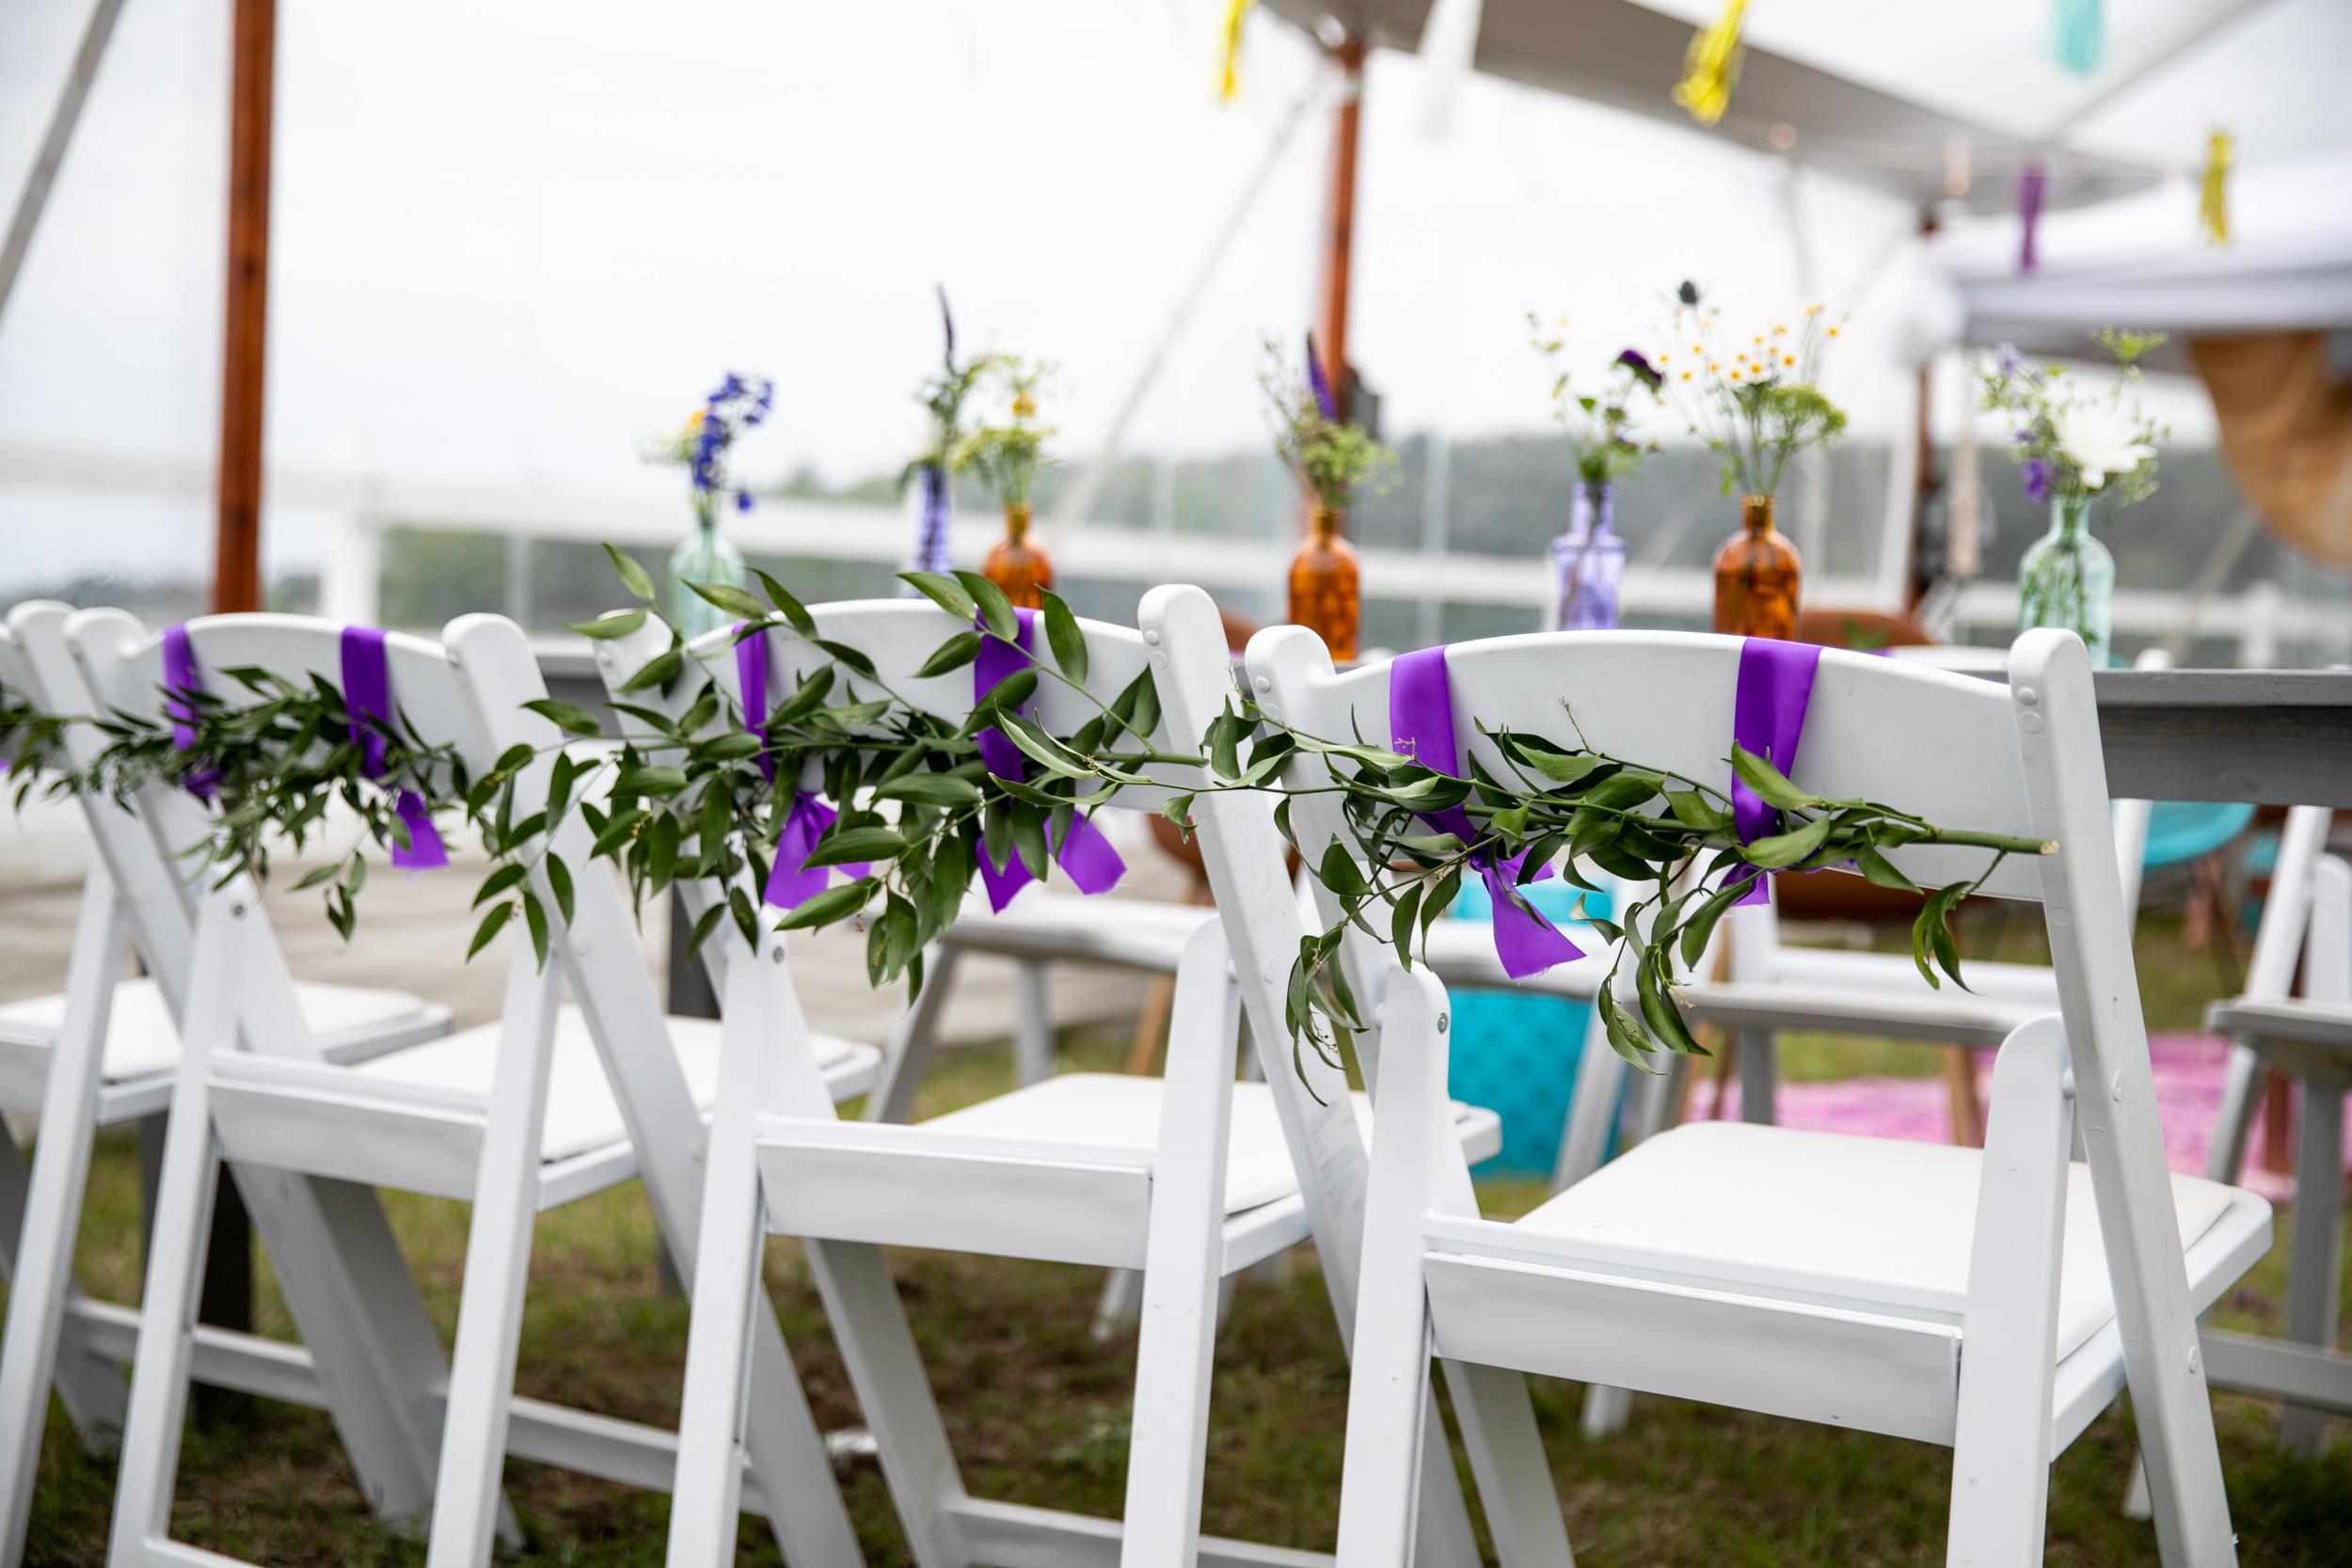 Coachella_Graduation_Party_Malloy_Events_Production_floral_decor